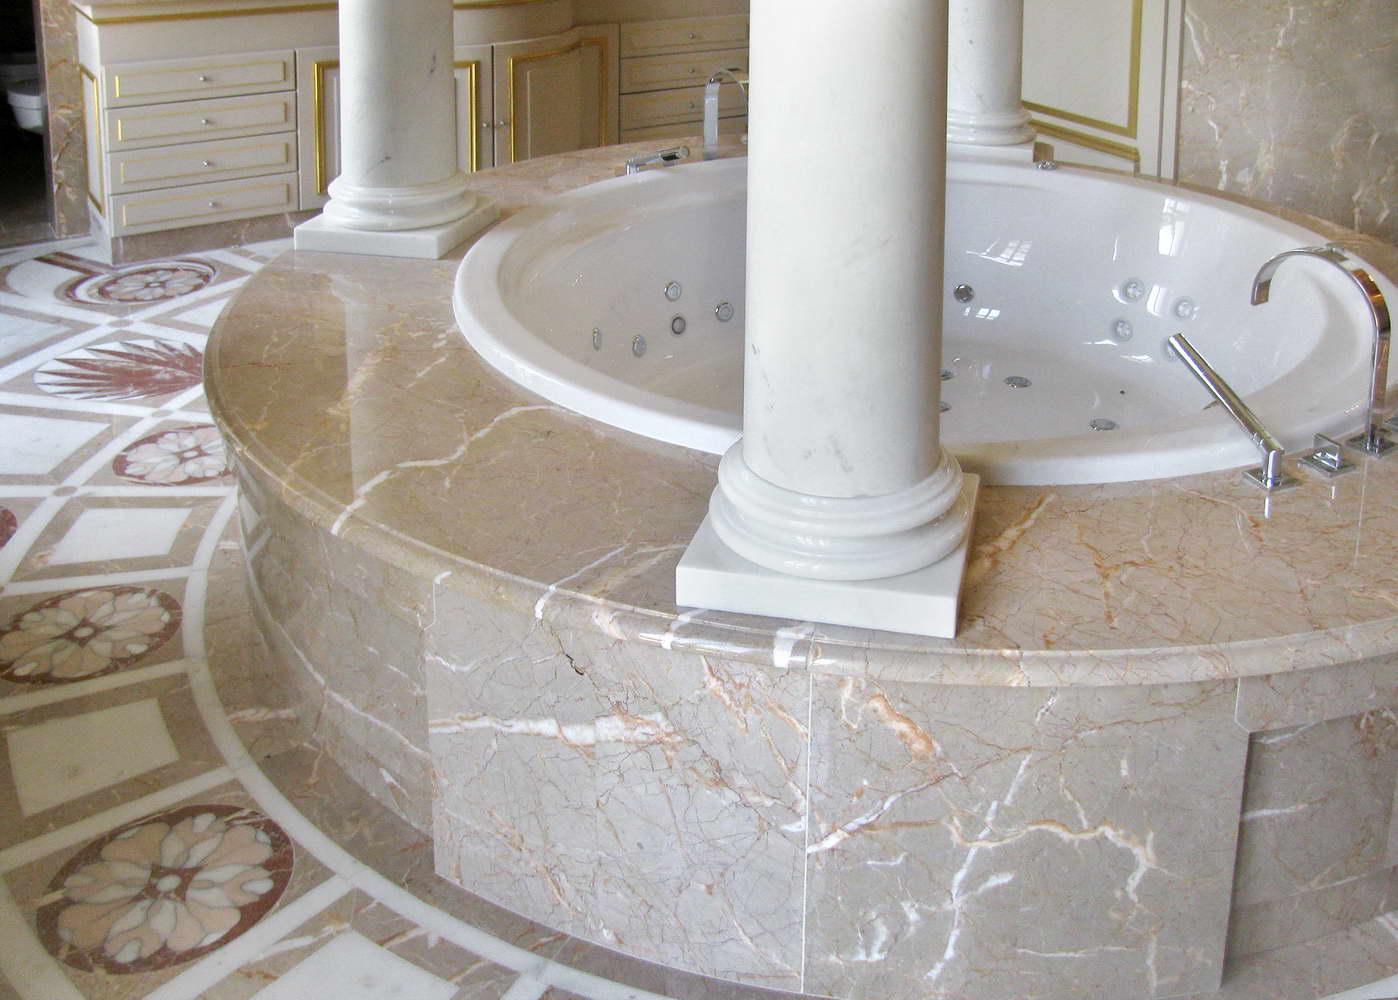 Bagno queen vittoria marmo alpenina bianco michelangelo - Bagno marmo bianco ...